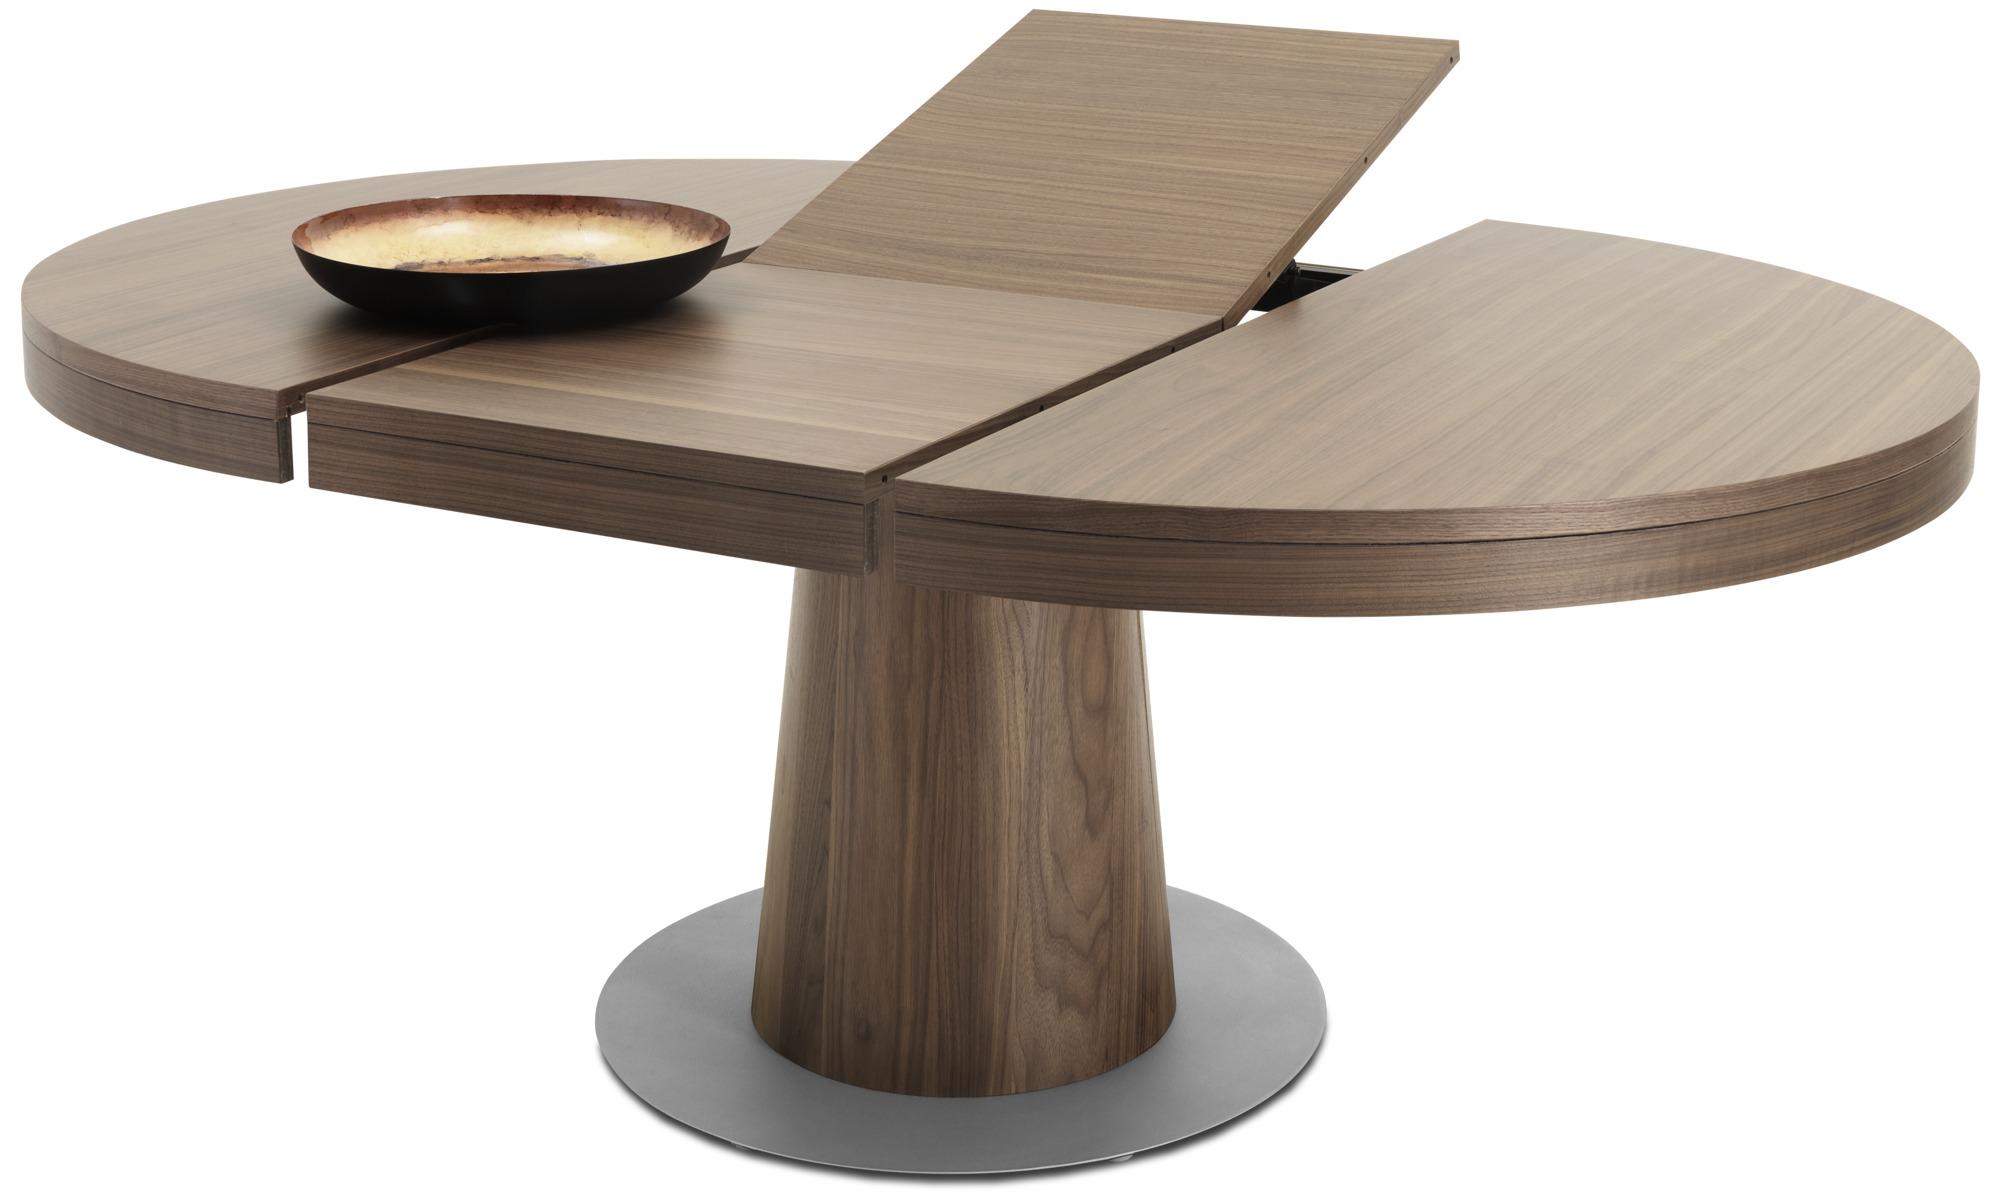 2656405396a Spiseborde - Granada bord med tillægsplade - rund - Brun - Valnød